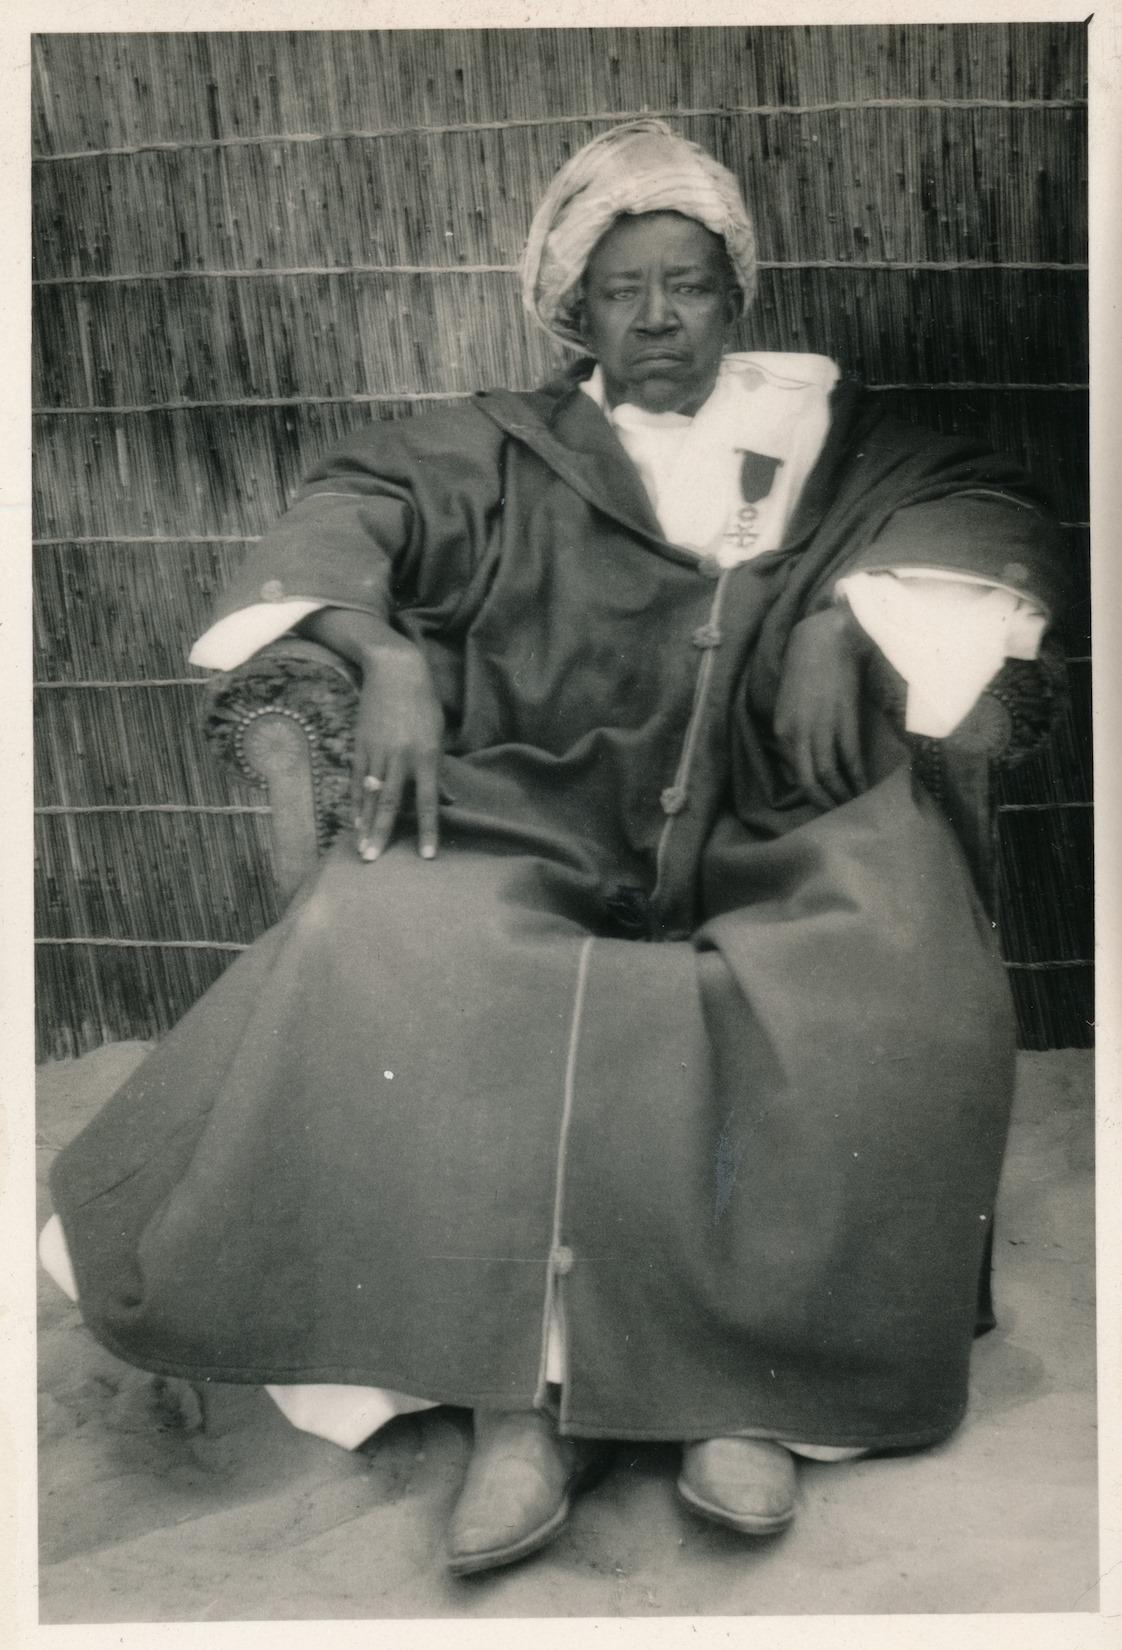 Une nouvelle photo de Serigne Fallou Mbacké, fils du Cheikh Ahmadou Bamba.